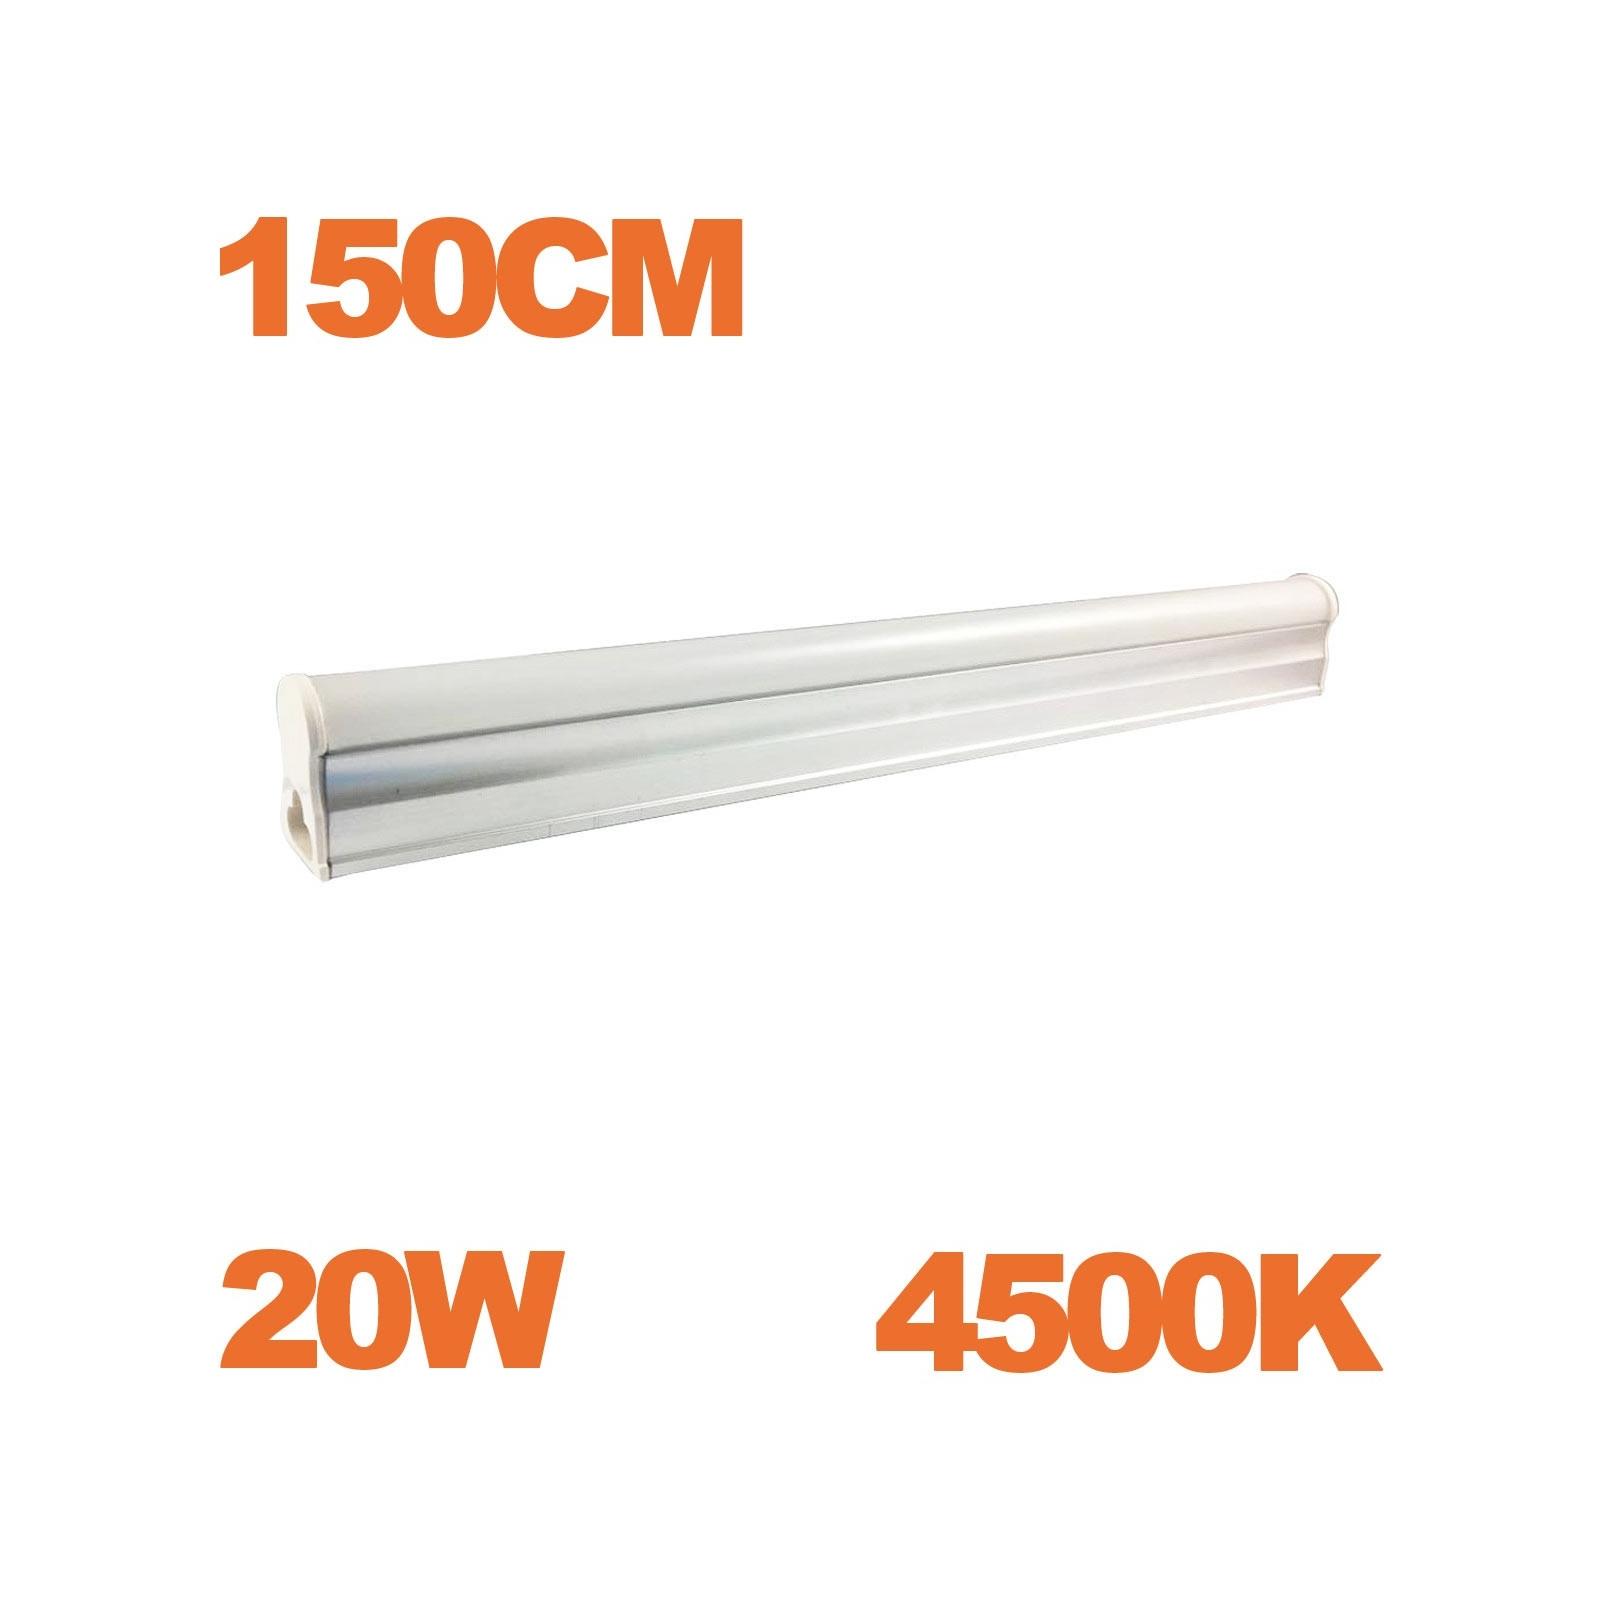 Tube LED T5 Puissance 20W Longueur 150cm Blanc Froid 6000K